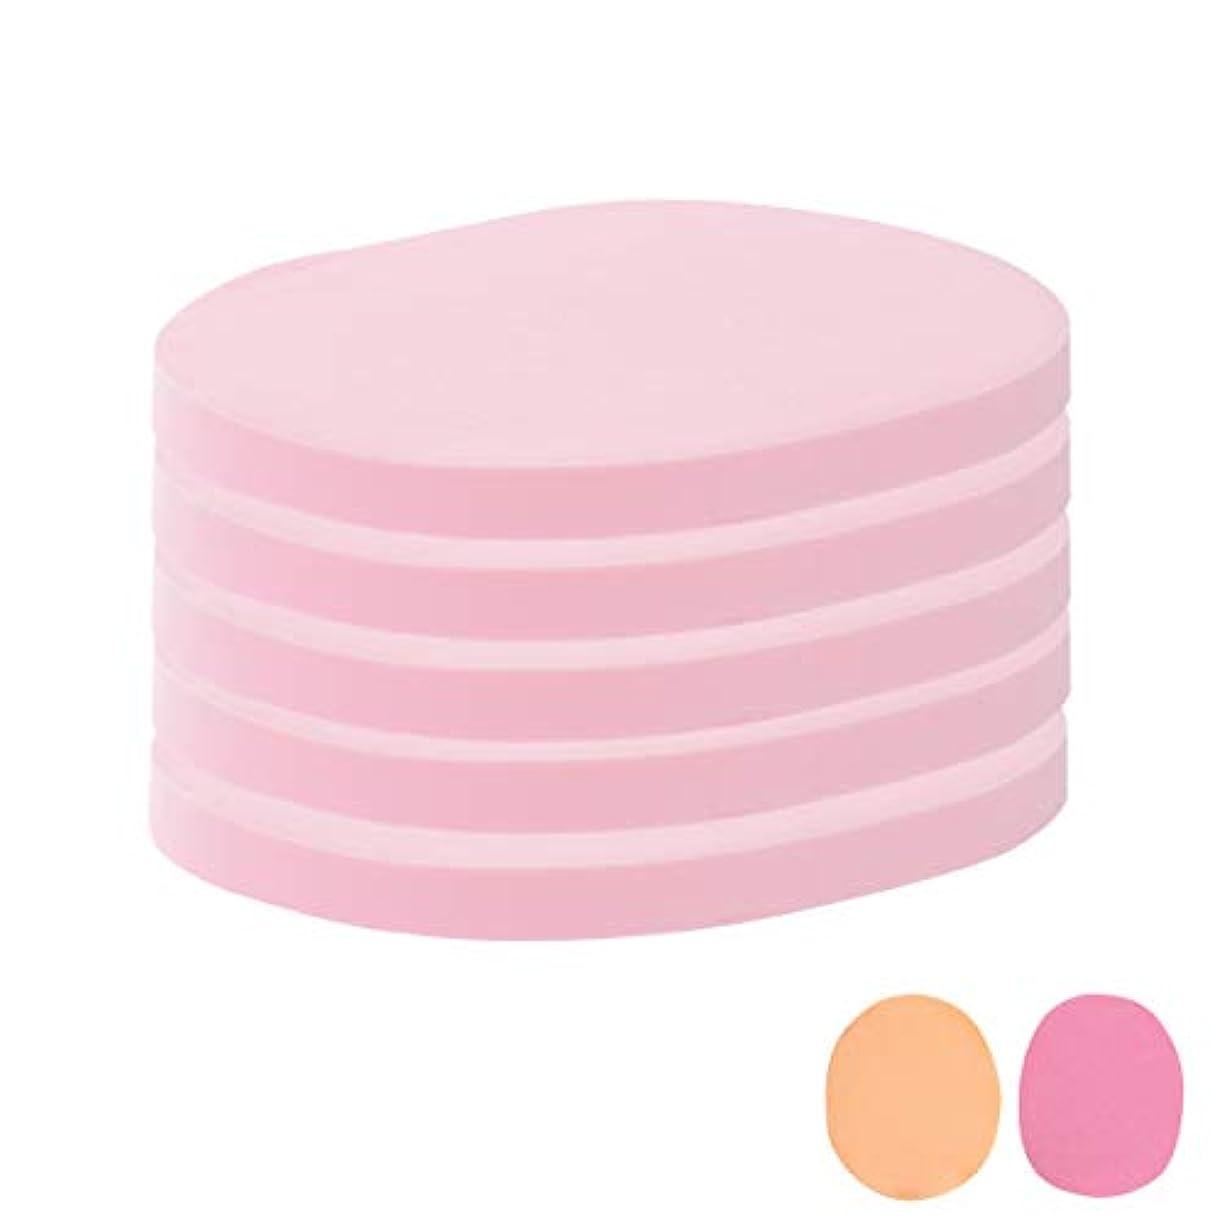 インフレーション無能司法フェイシャルスポンジ 全4種 10mm厚 (きめ細かい) 5枚入 ピンク [ フェイススポンジ マッサージスポンジ フェイシャル フェイス 顔用 洗顔 エステ スポンジ パフ クレンジング パック マスク 拭き取り ]